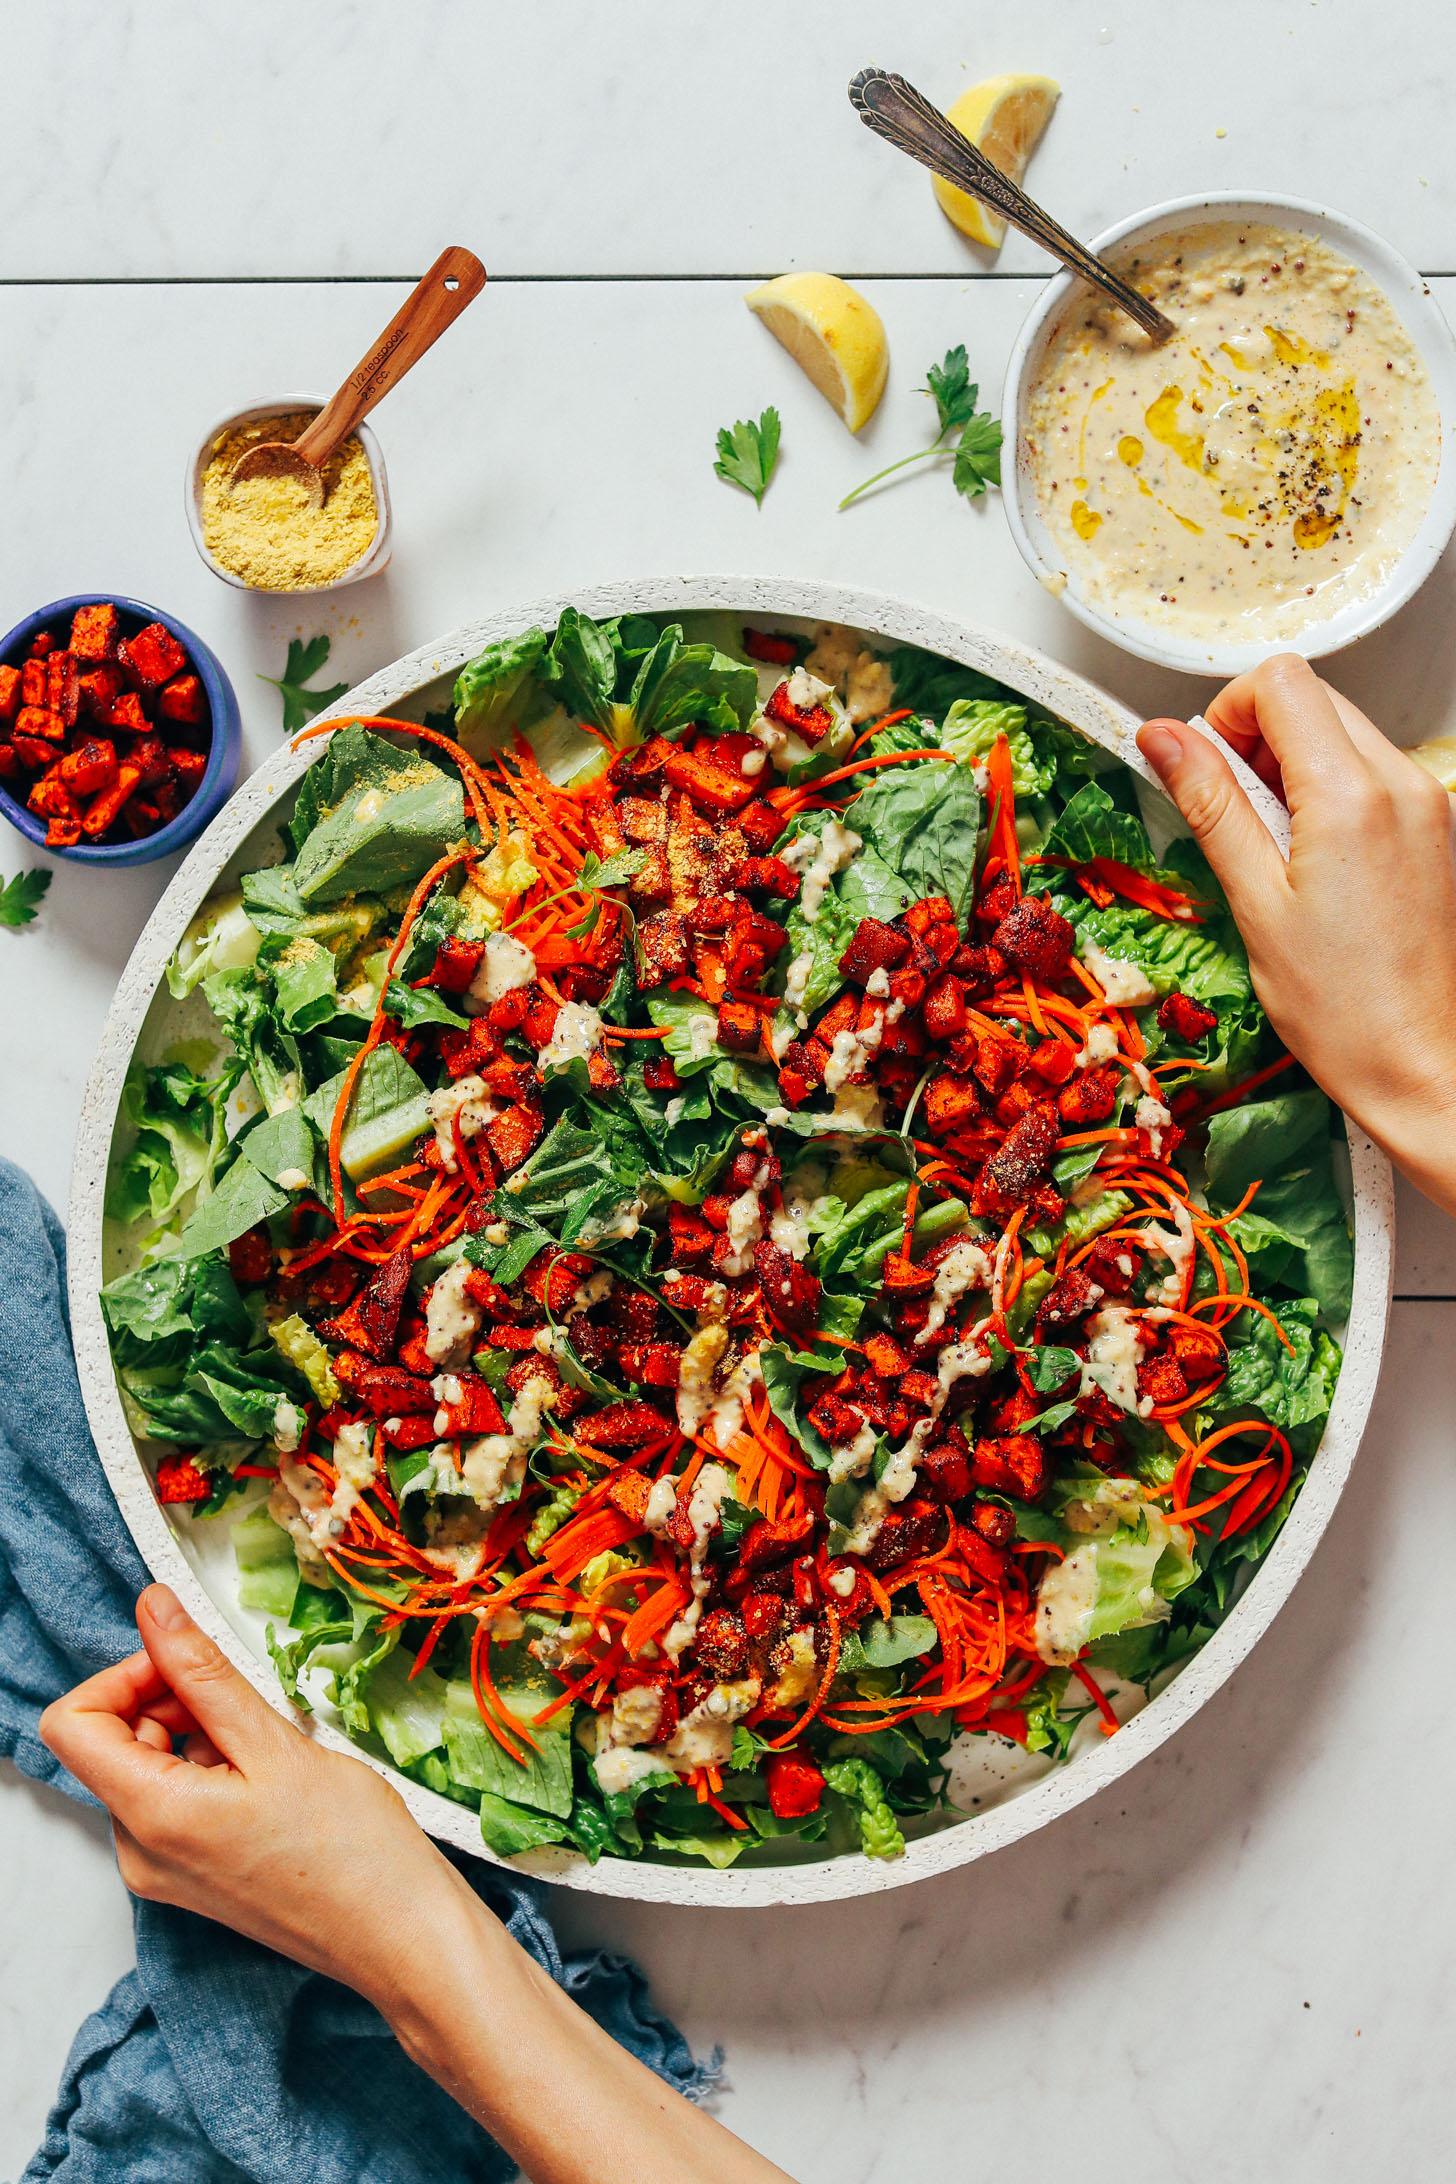 Prato grande de Salada César Vegan ao lado de fermento nutricional, molho de homus e croutons de batata doce